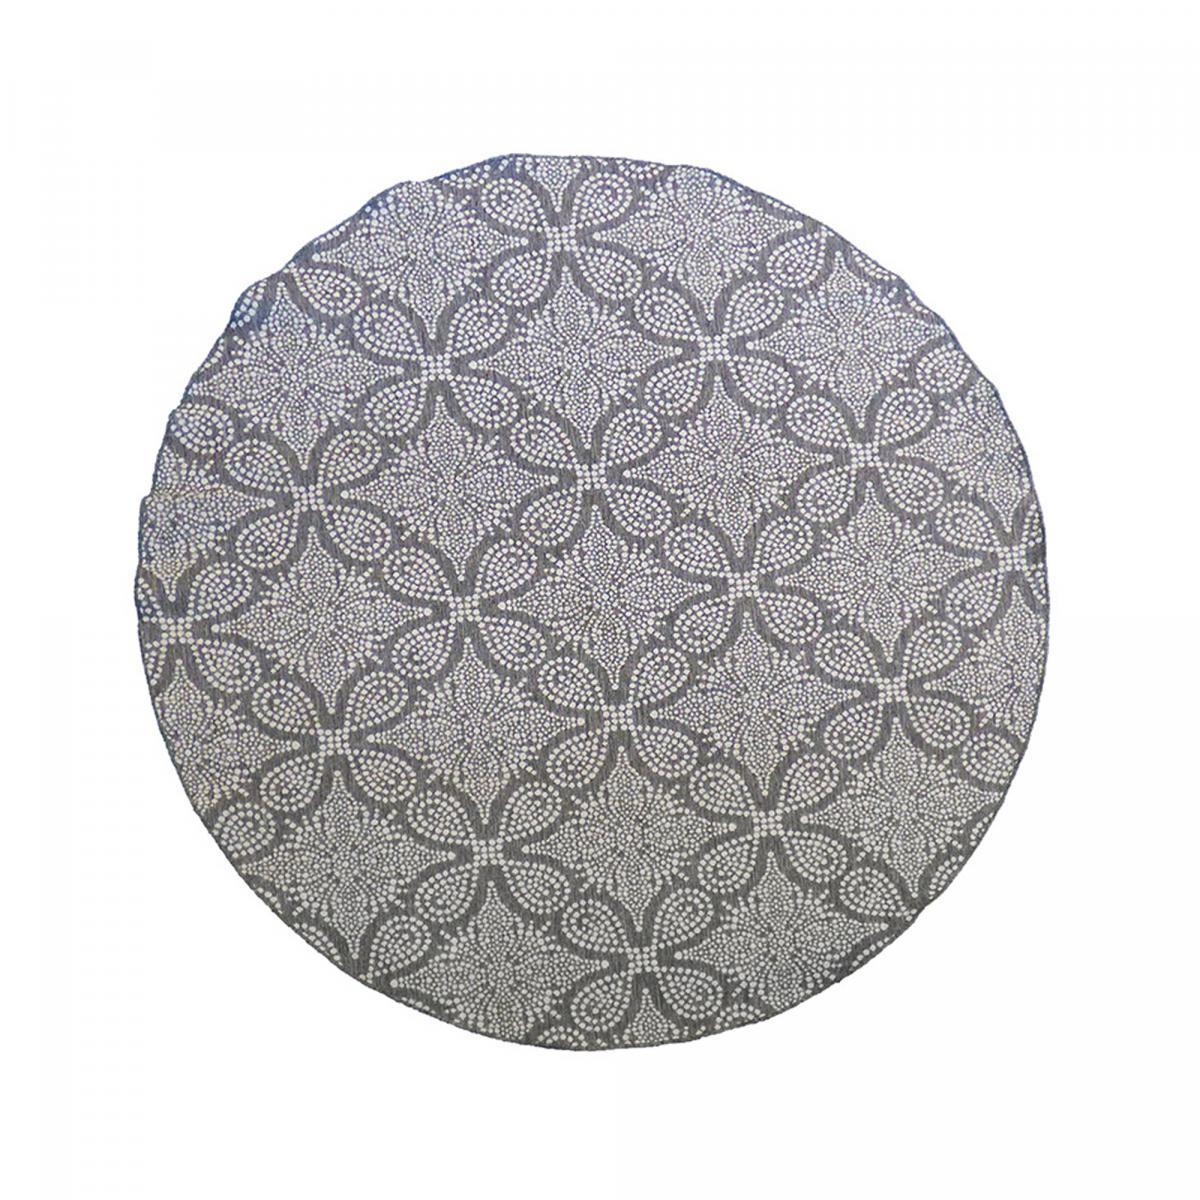 Tapis extérieur en polypropylène gris 240x240 rond